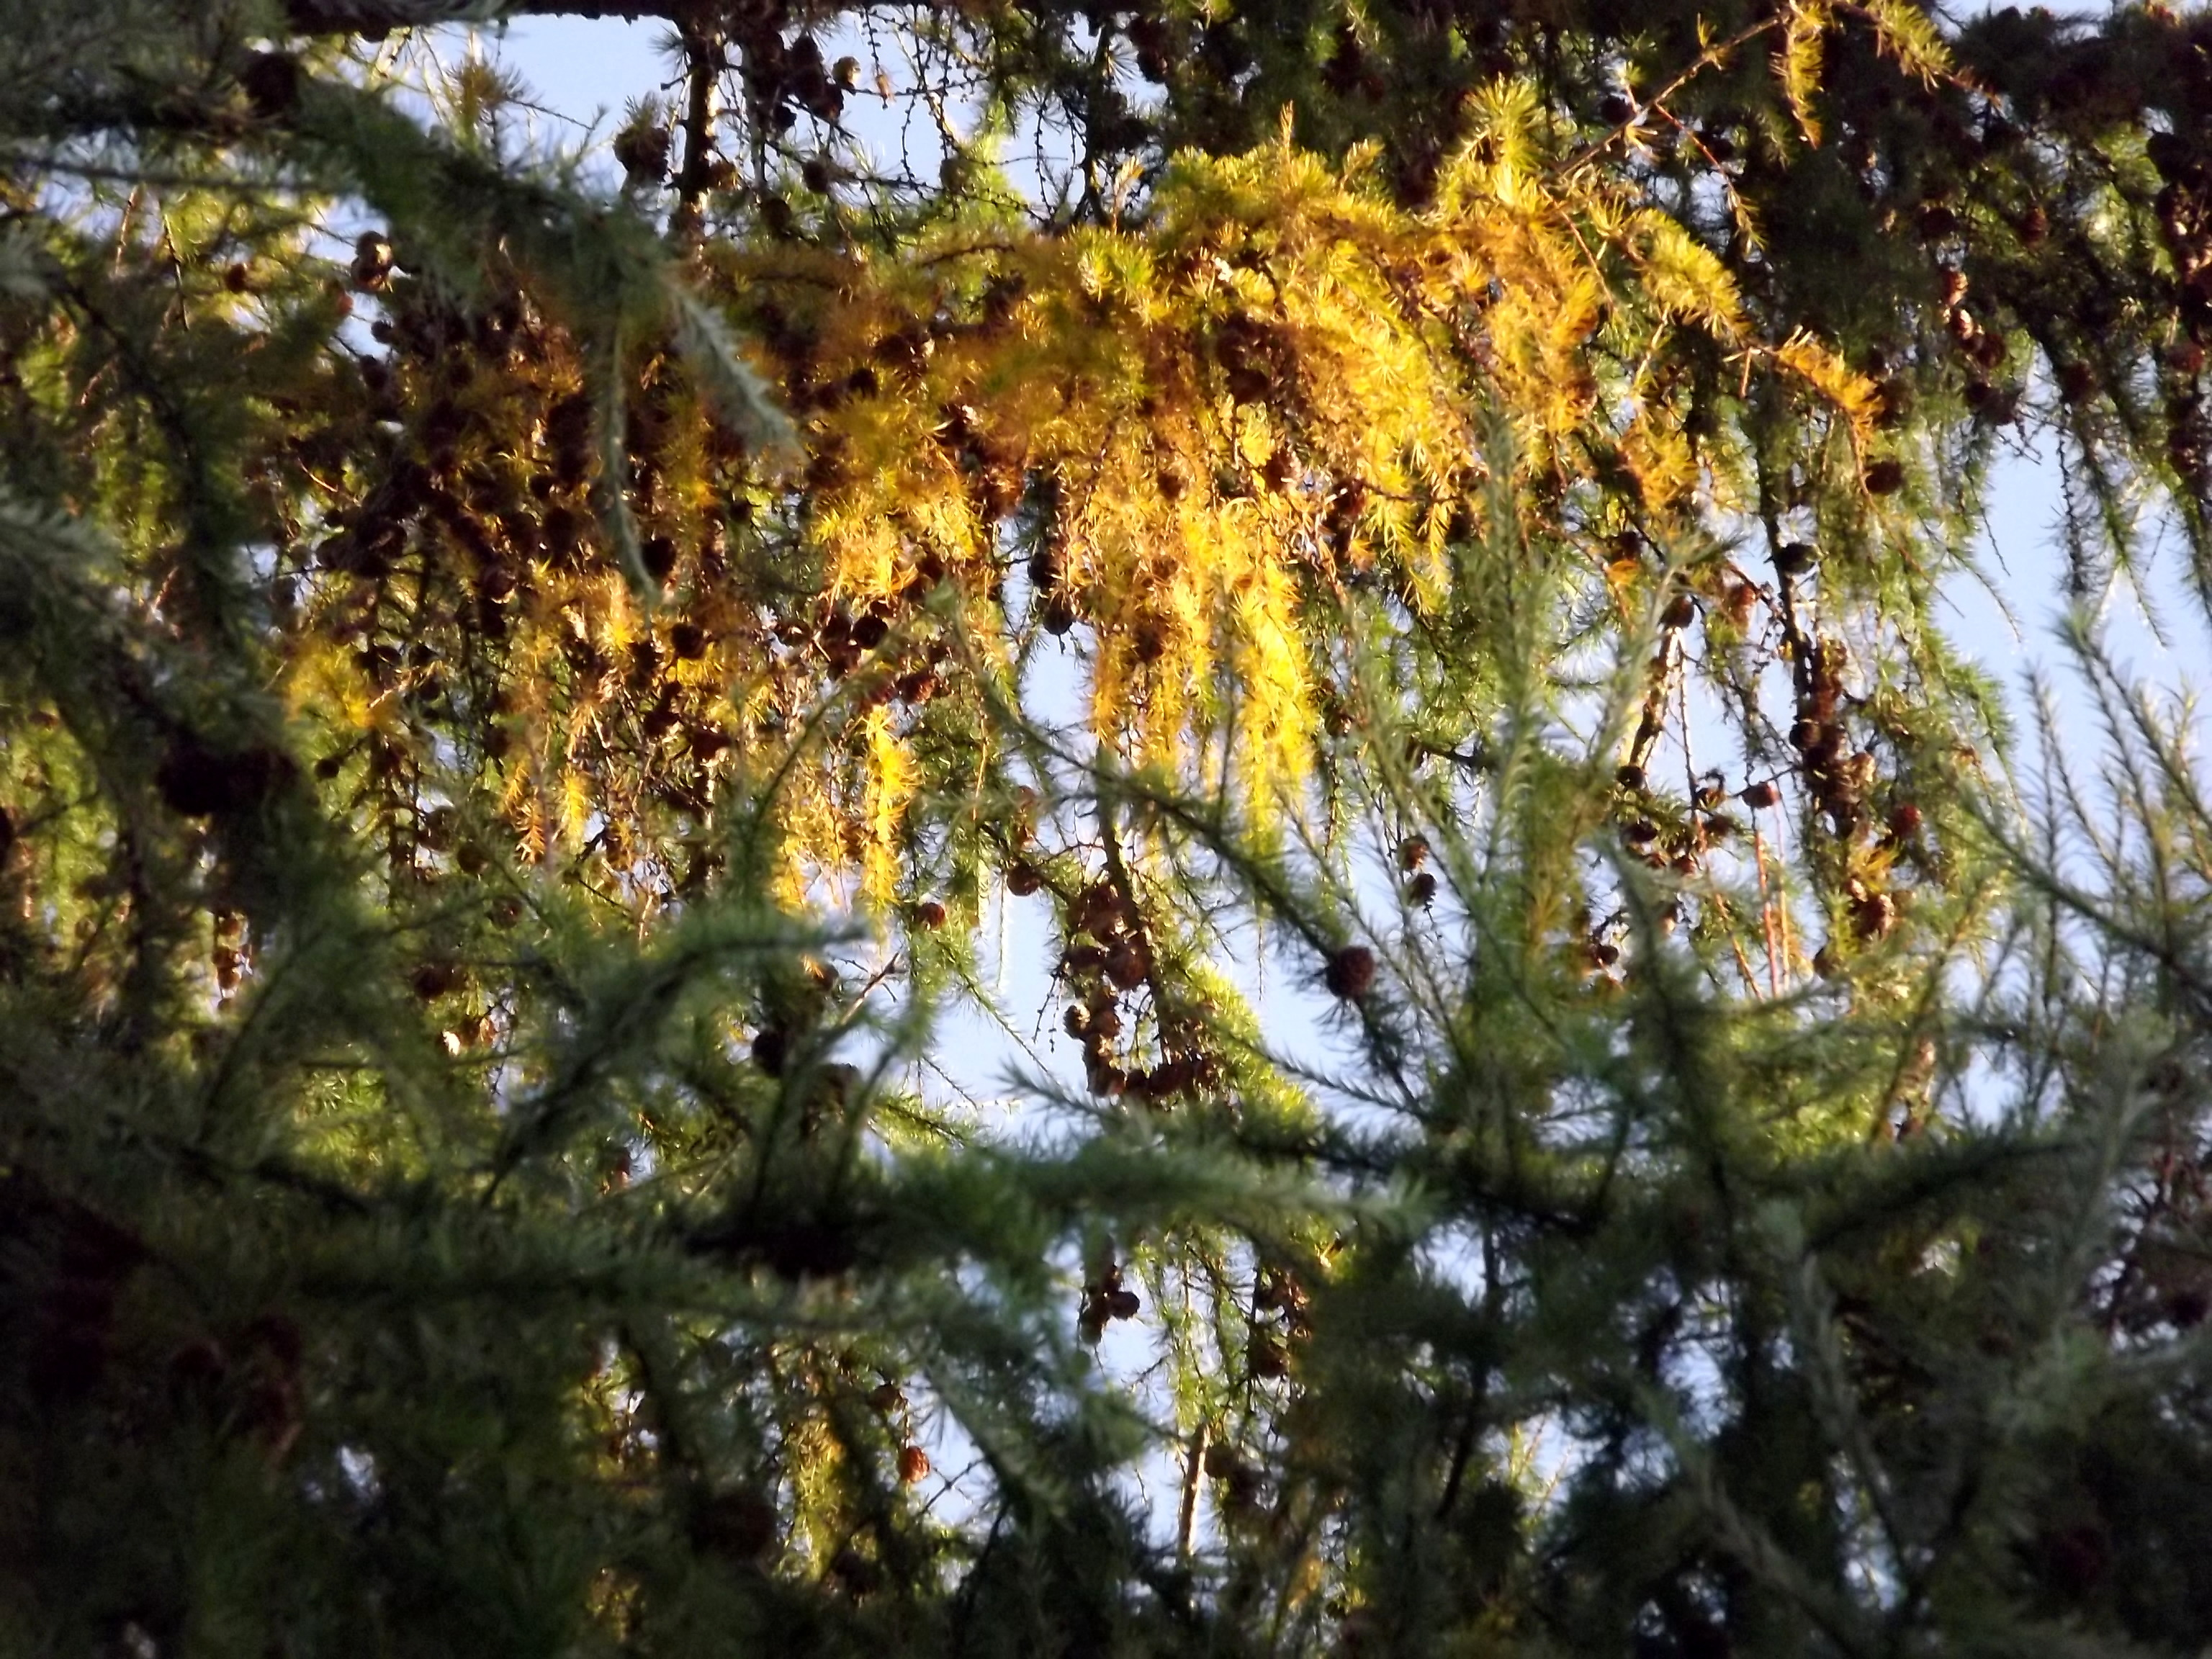 6569-herbst-nadelzweige-sonnenlicht